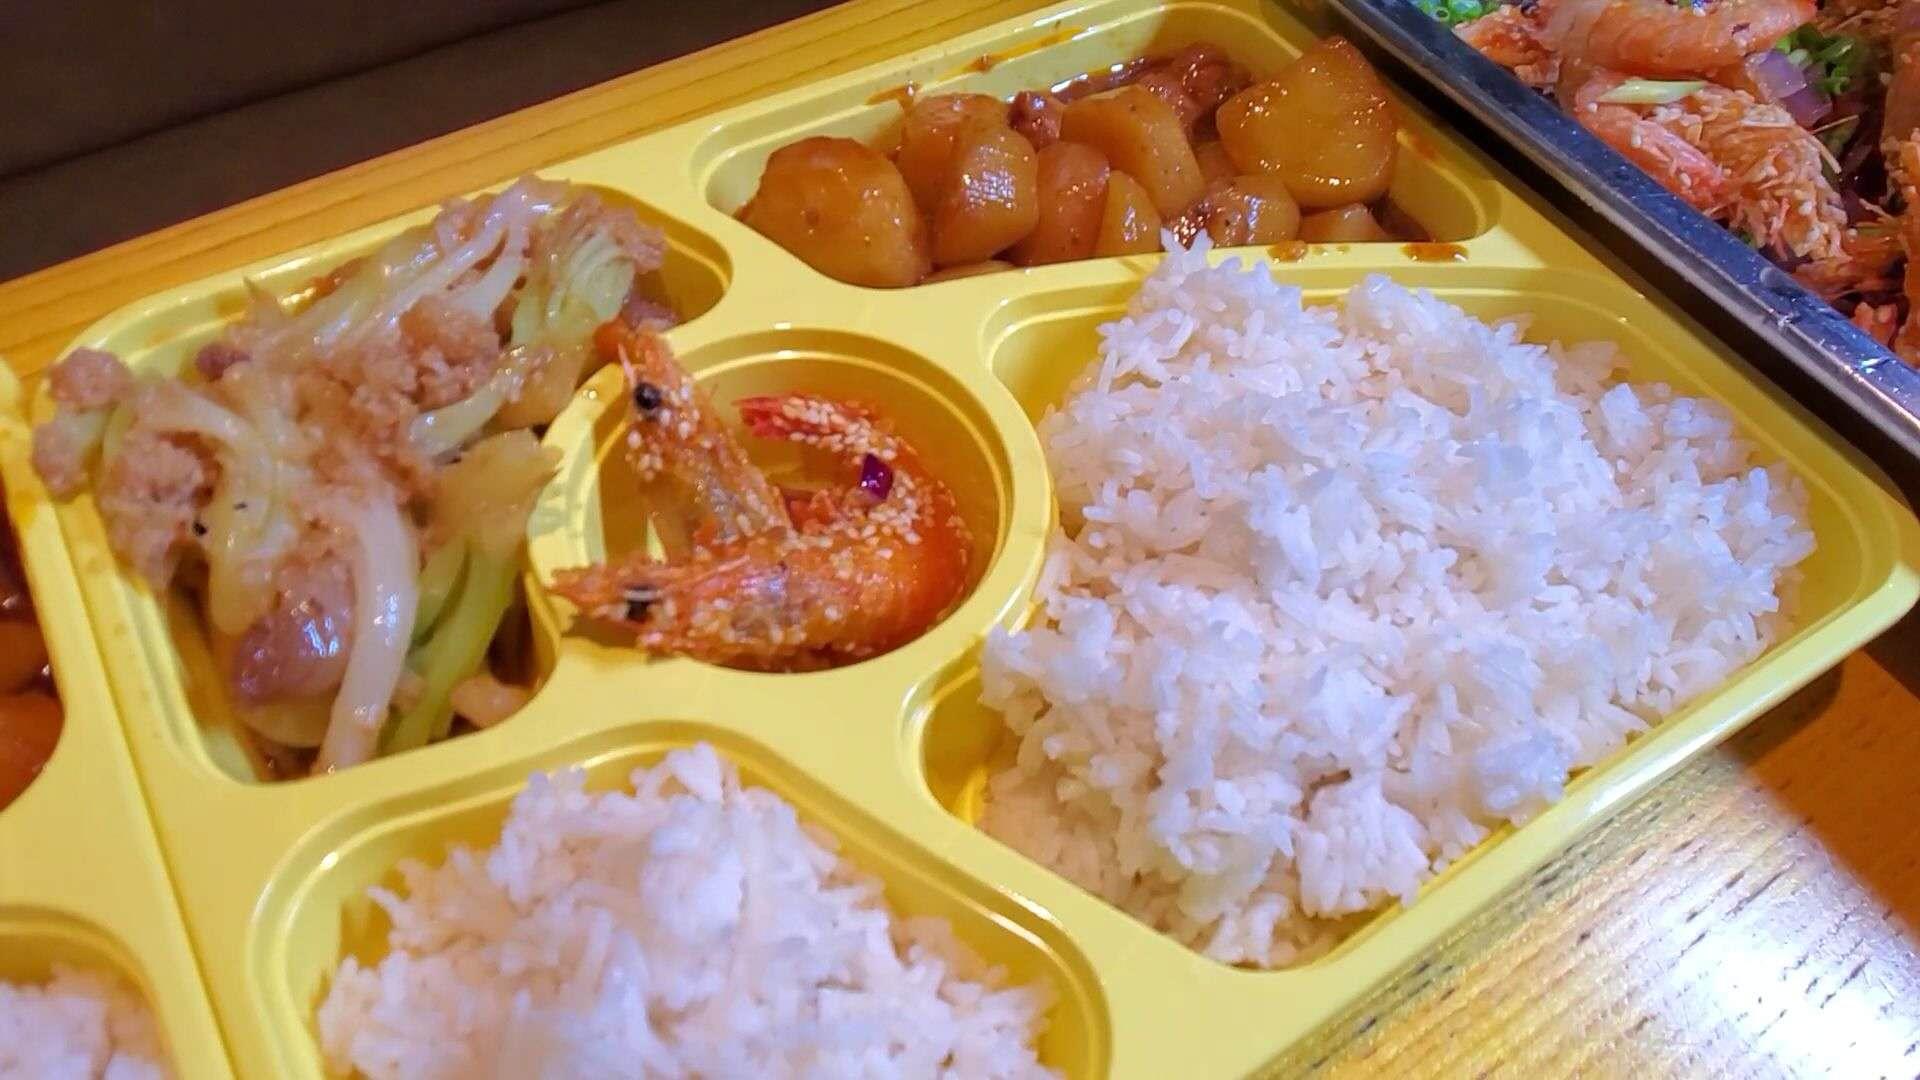 周锡涛和哥哥经营的饭店免费提供给医护的爱心餐。